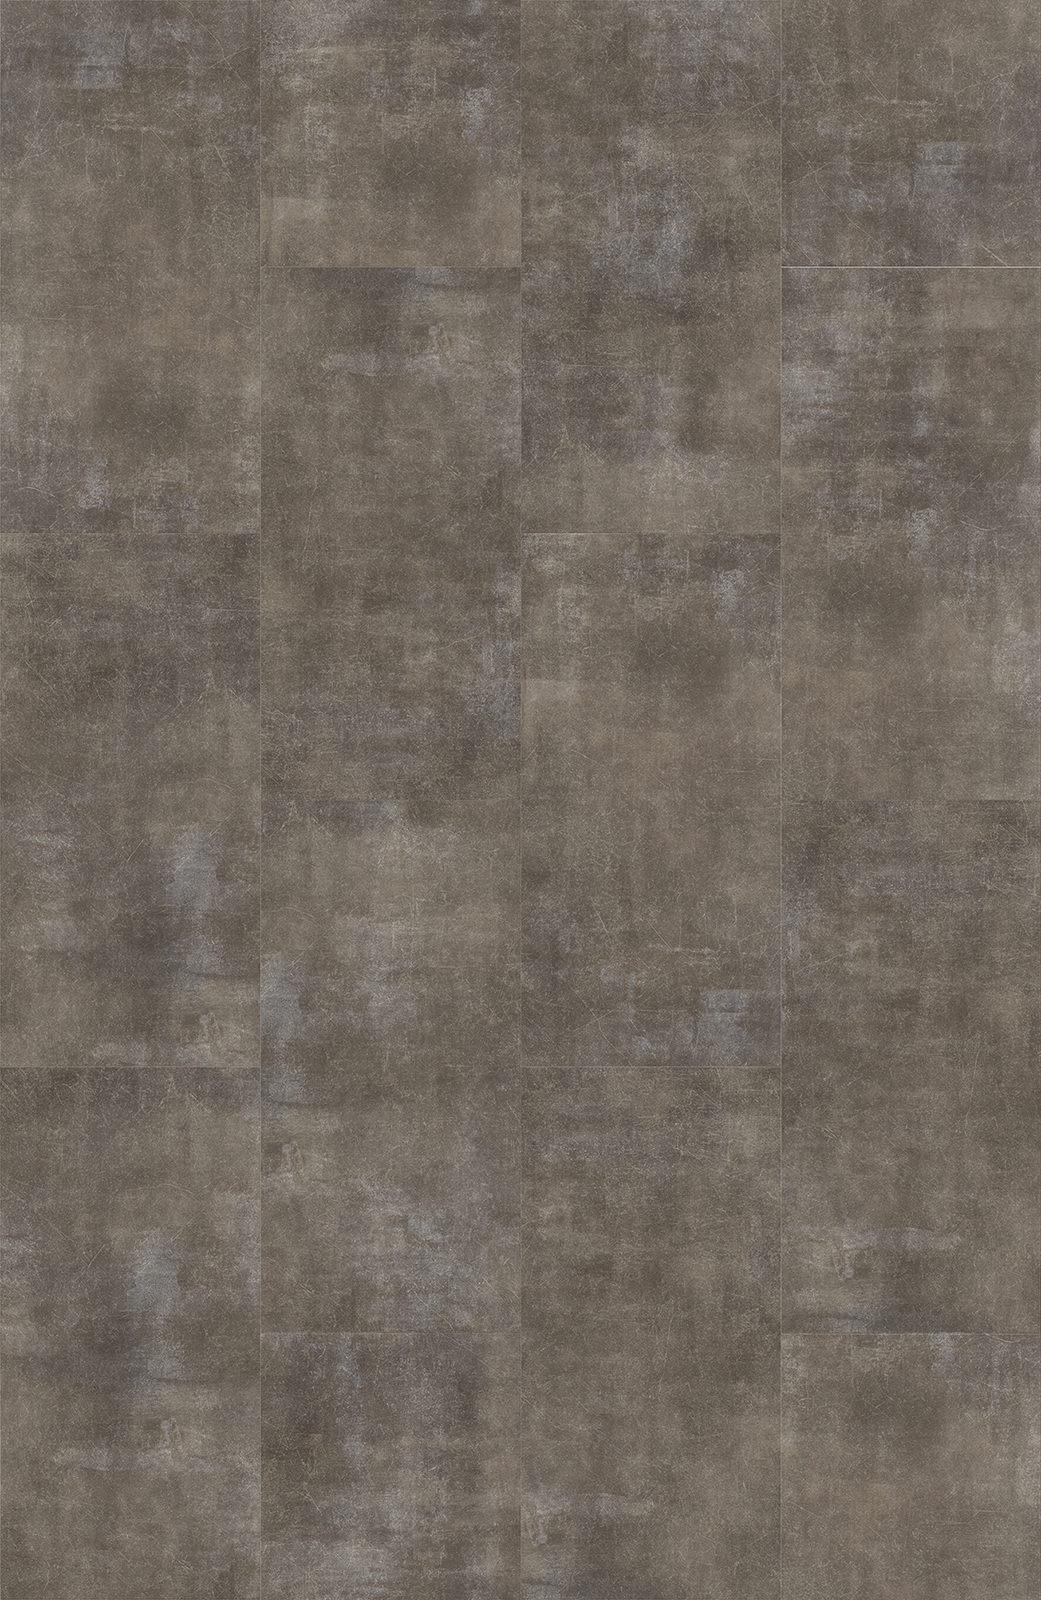 parador basic 4.3 598x294x4,3 mm mineral grey 1730648 | franke raumwert